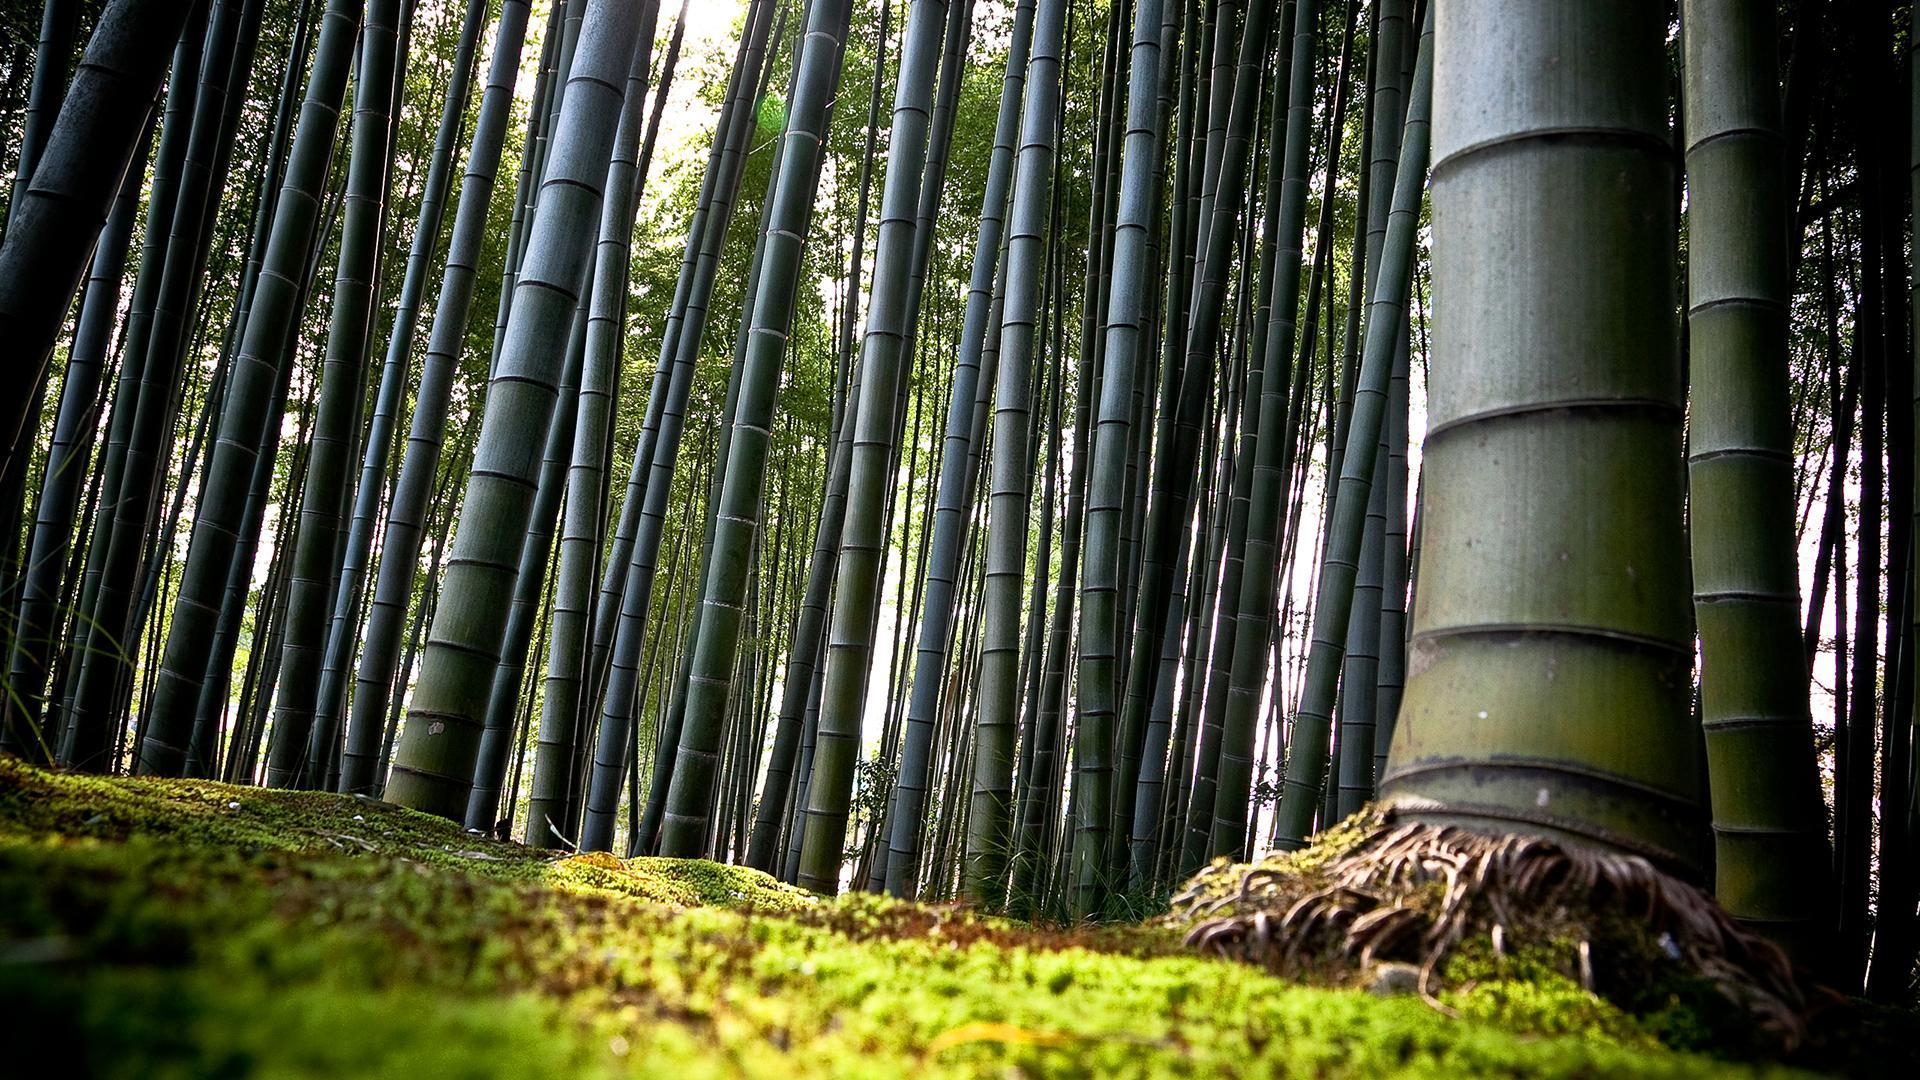 1080p Fall Wallpaper Bamboo Forest Hd Wallpaper Pixelstalk Net